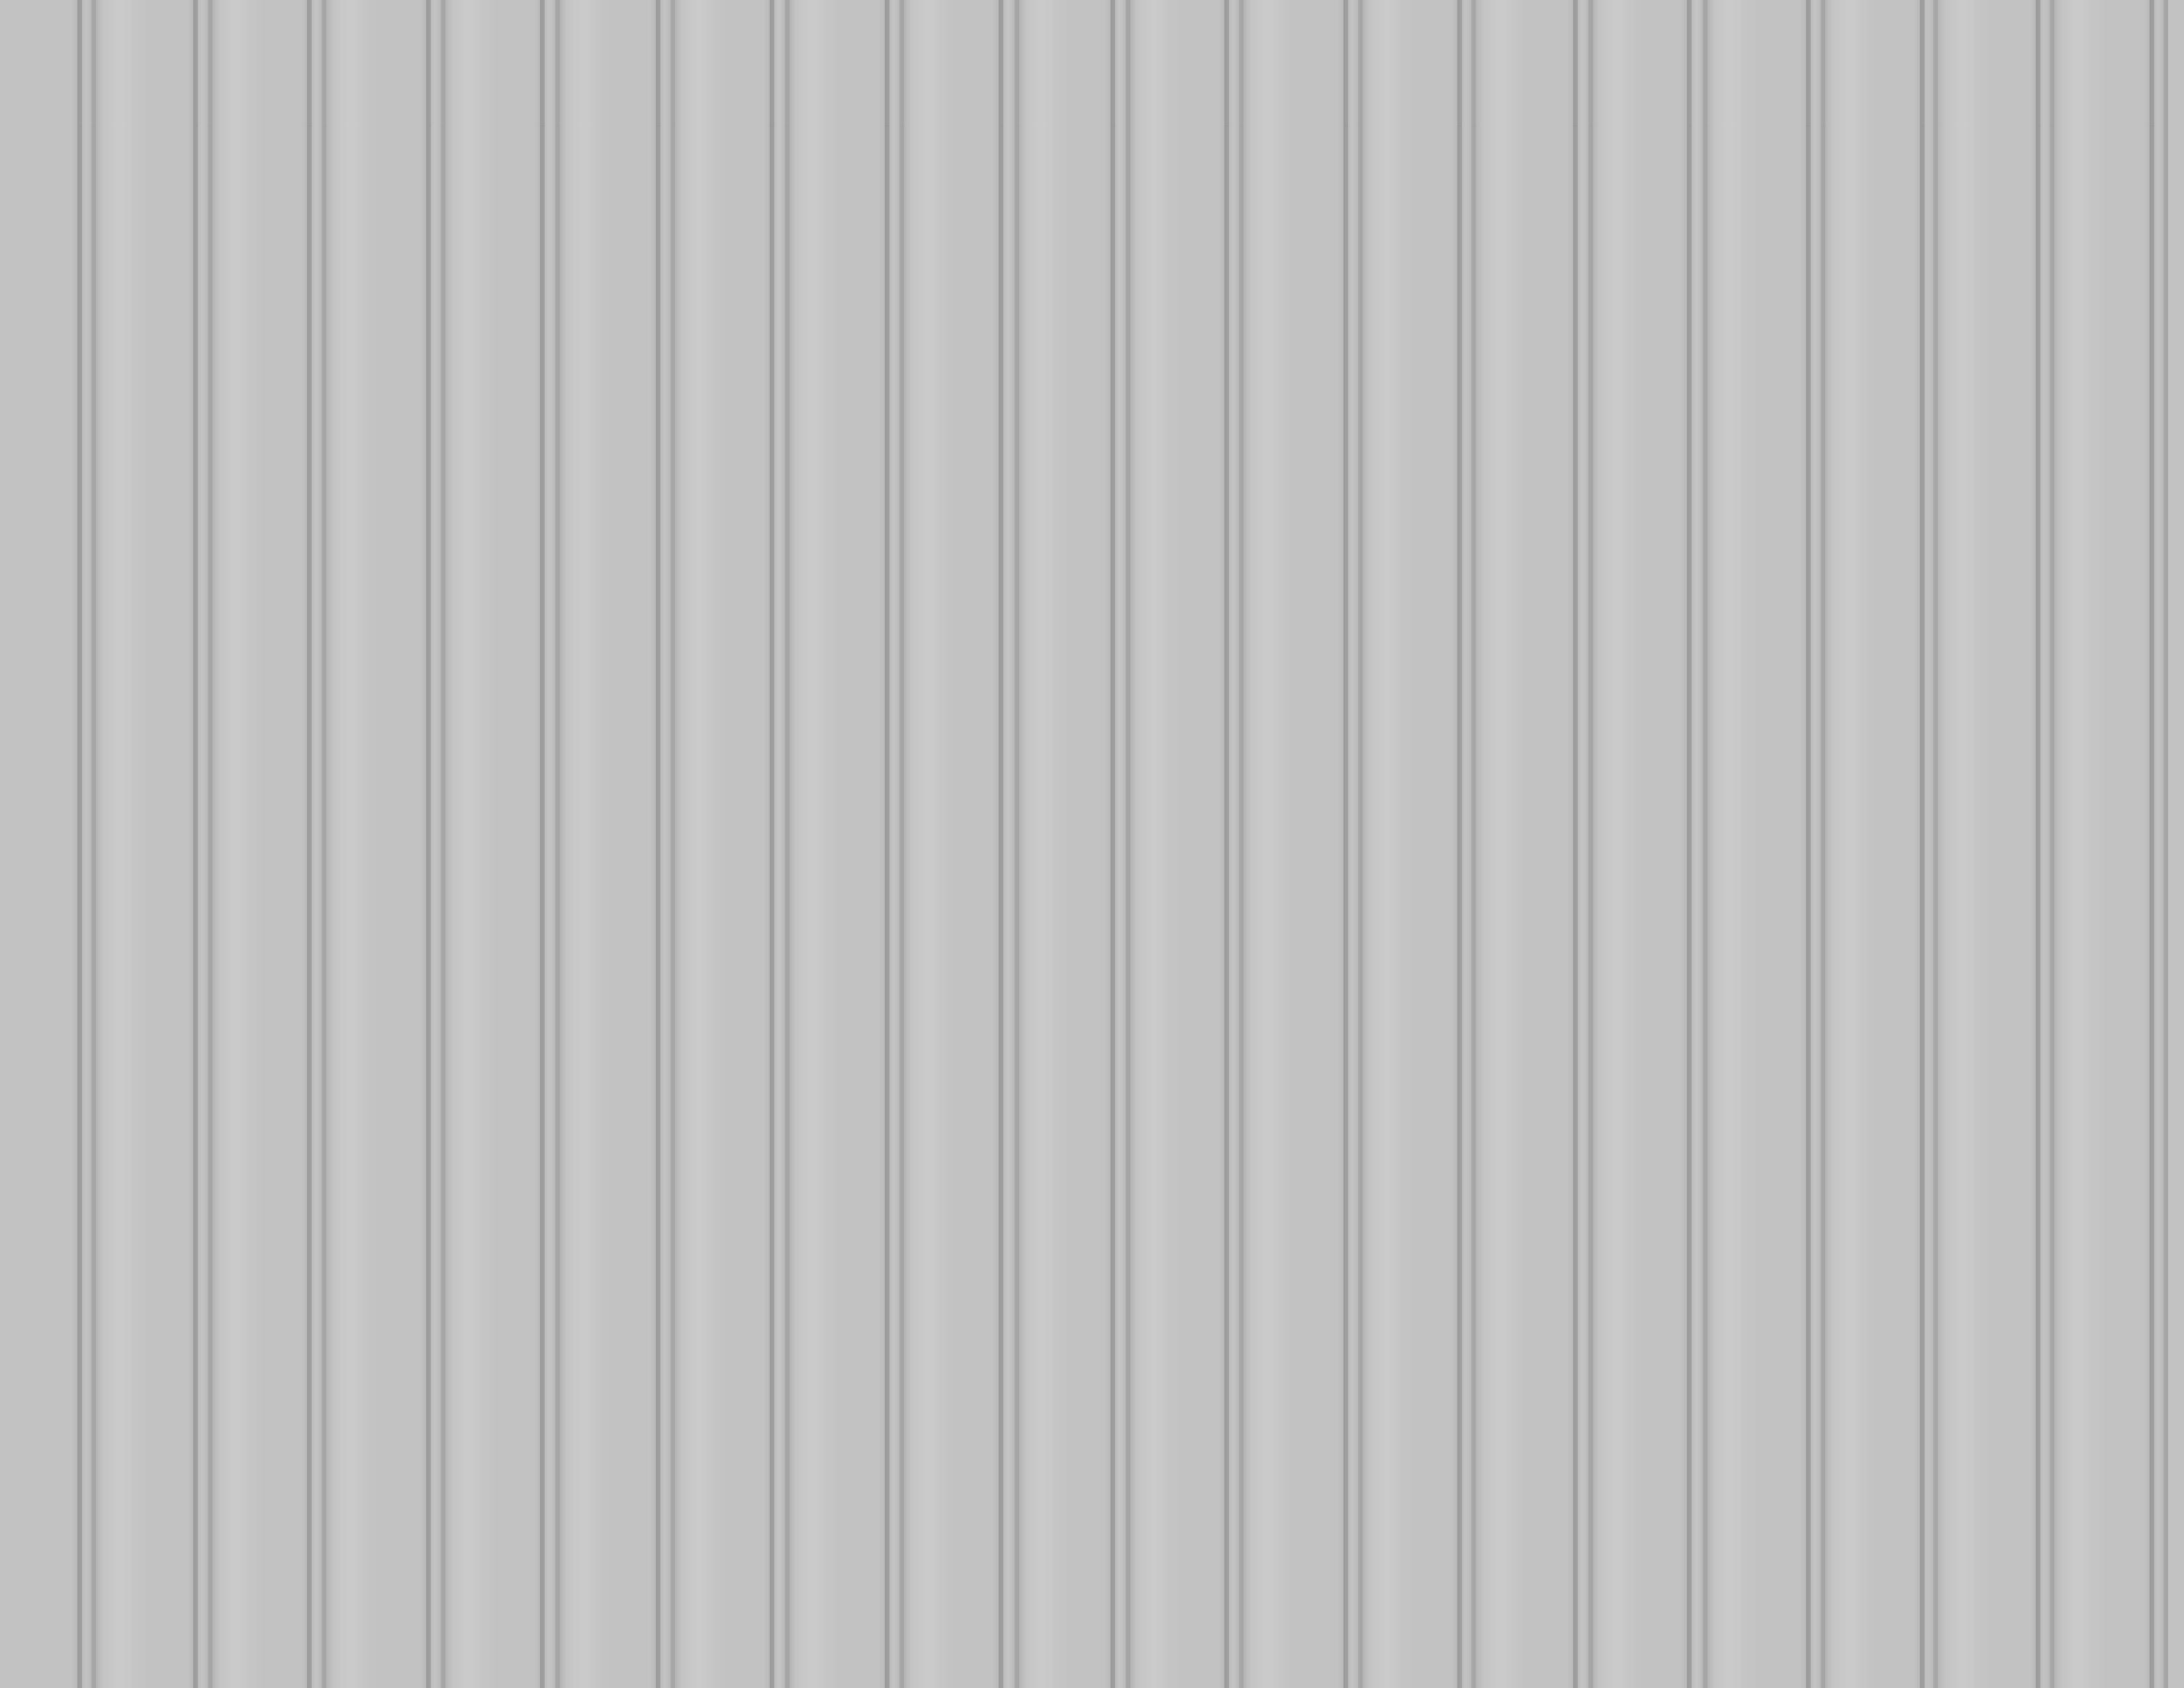 Backdrop Building Ii Textures Desktop Stables